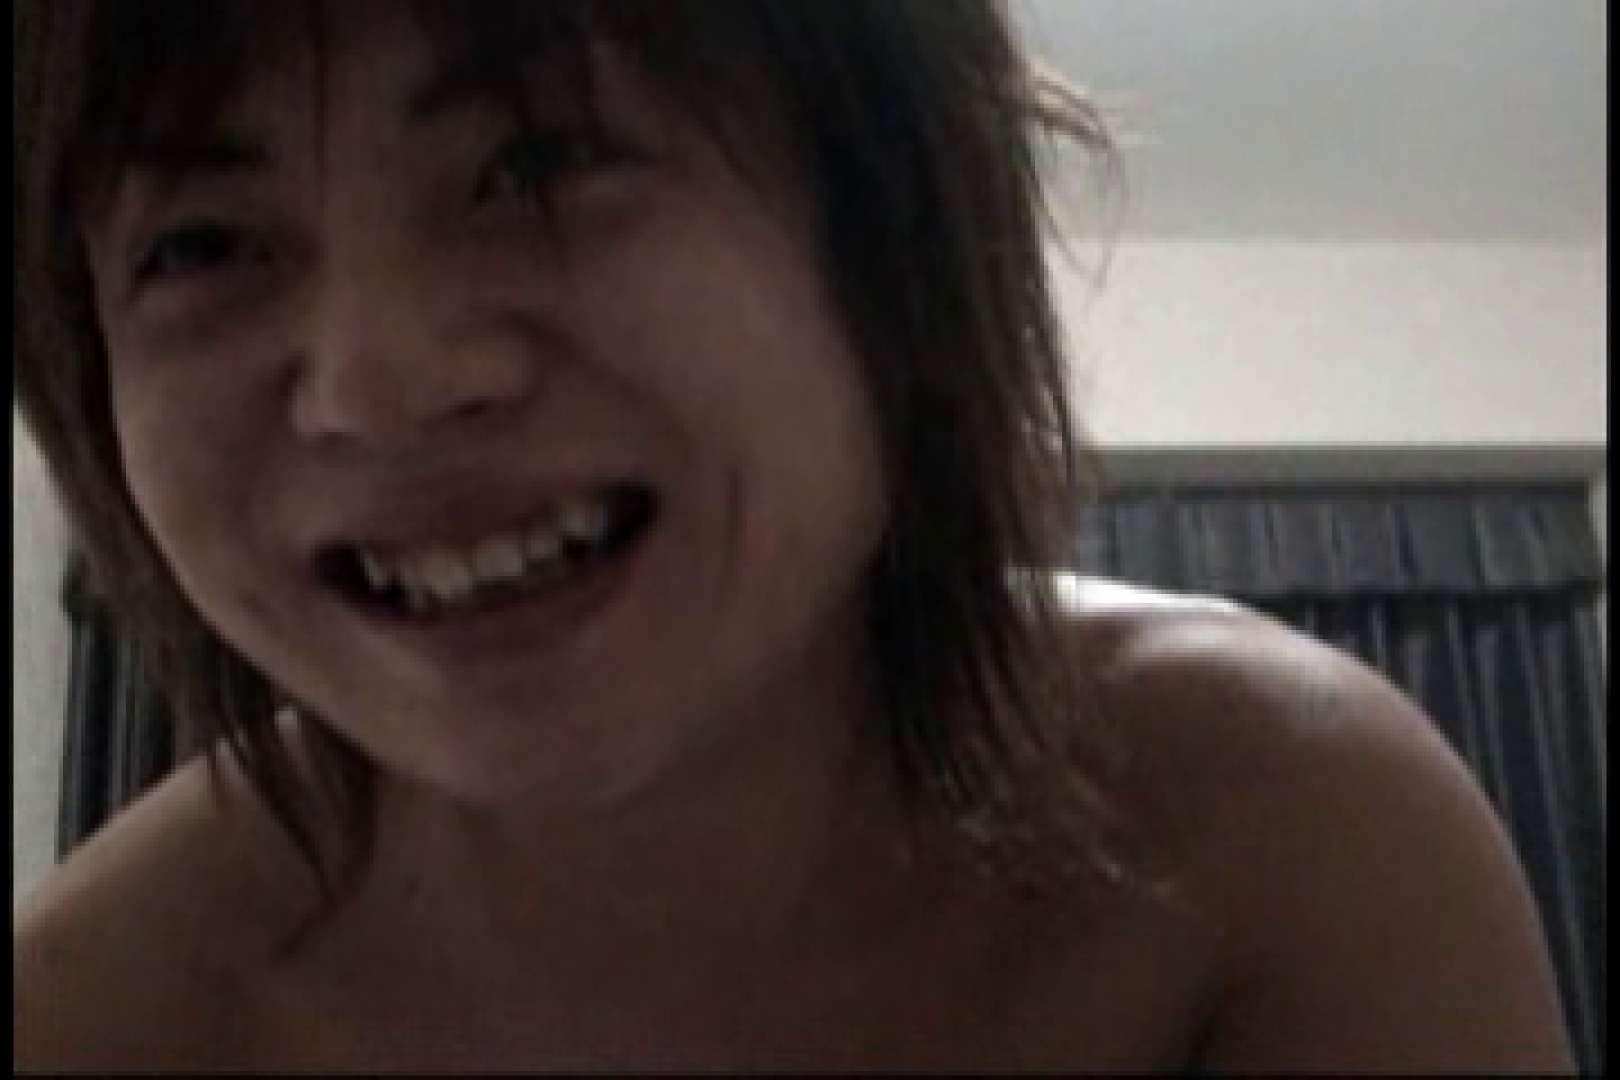 三ッ星シリーズ!!イケメン羞恥心!!File.01 風呂天国 ゲイ無修正ビデオ画像 82枚 69